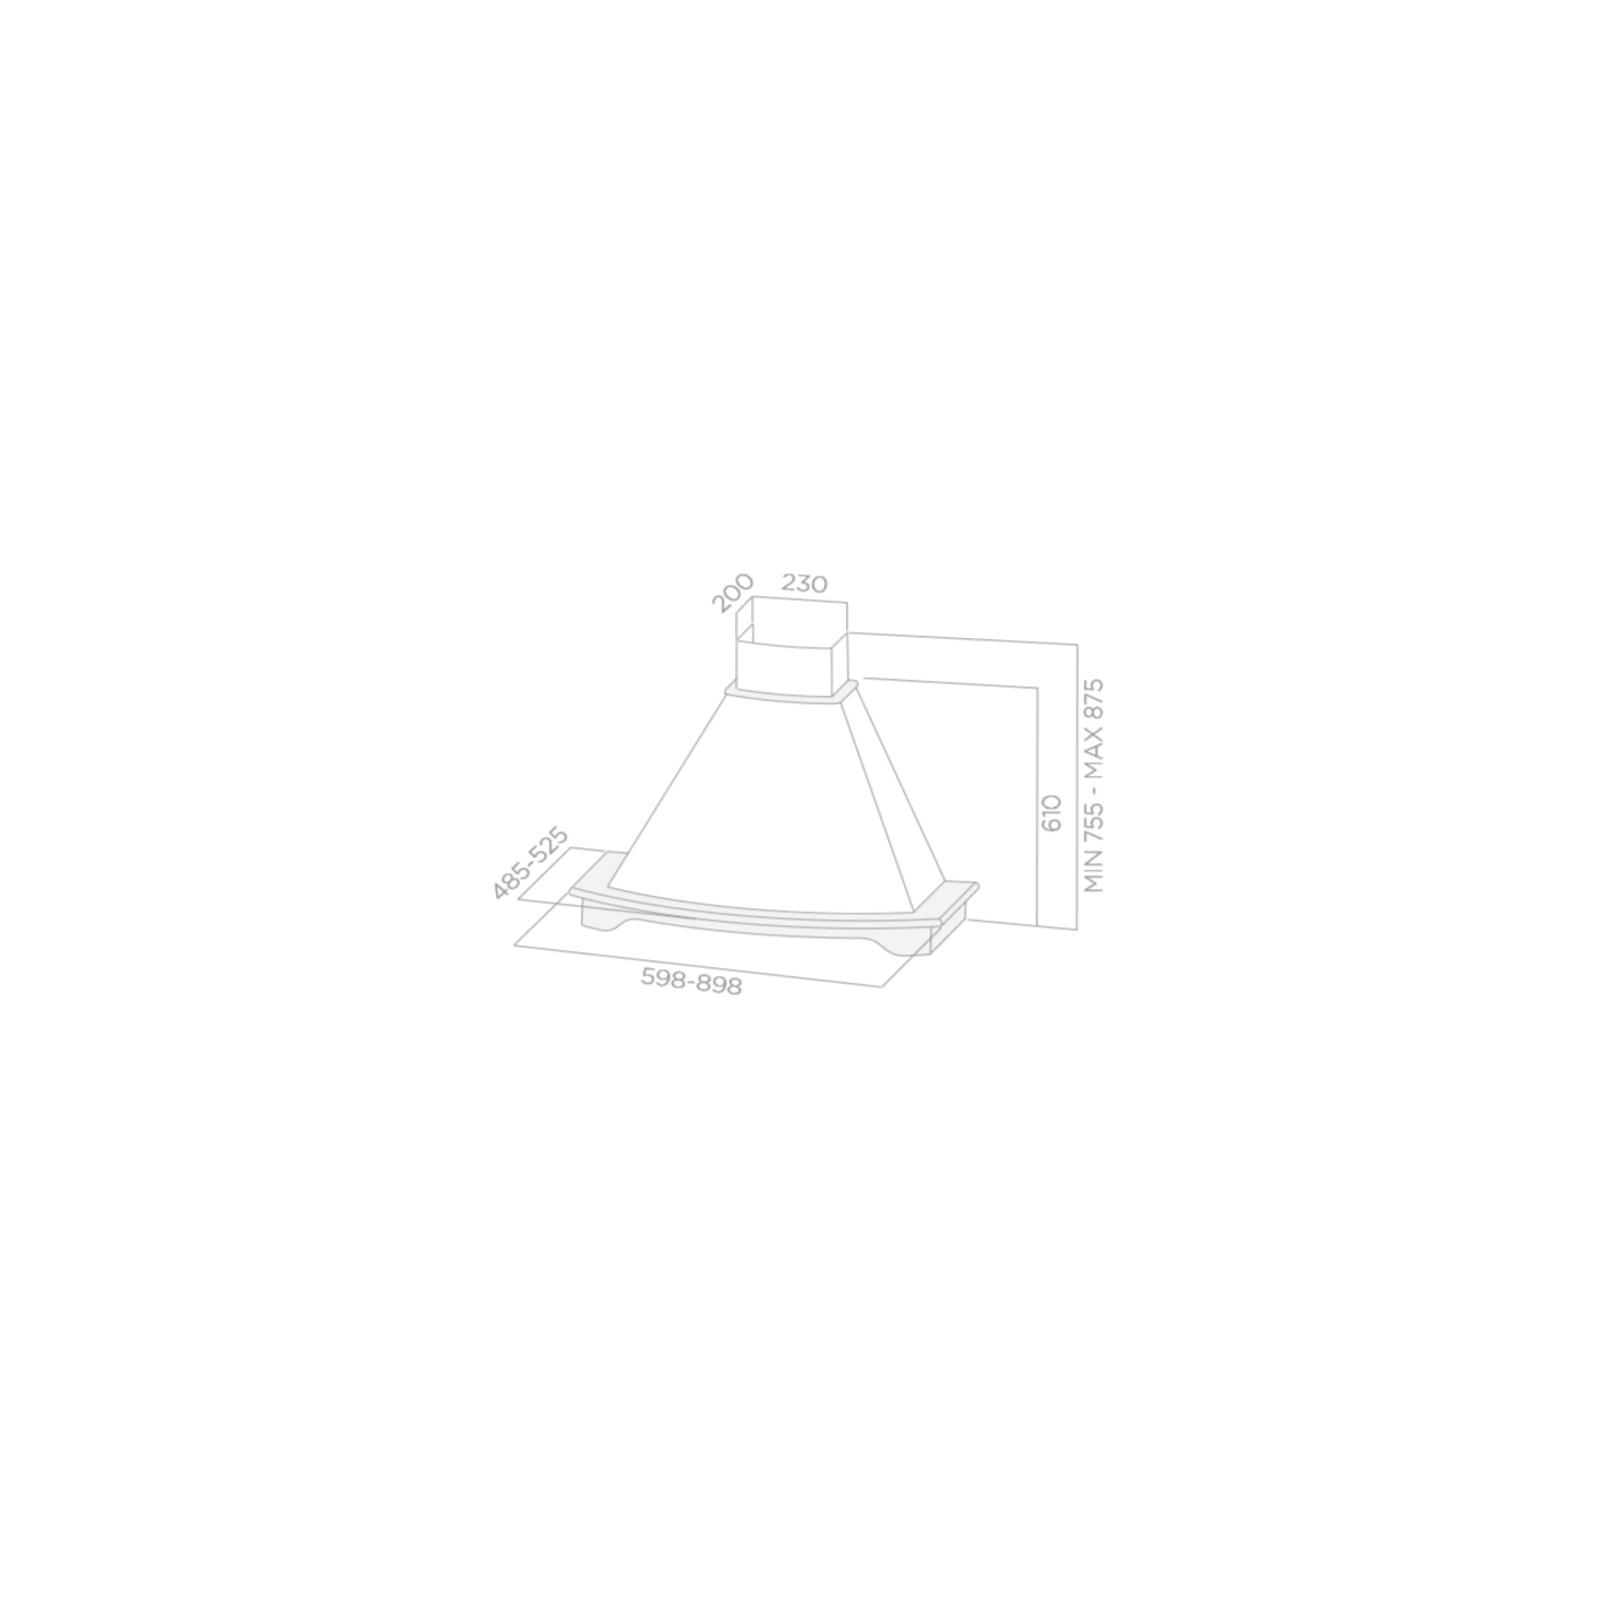 Вытяжка кухонная Elica CORALINE WH/A/90 T.GREZZO изображение 2